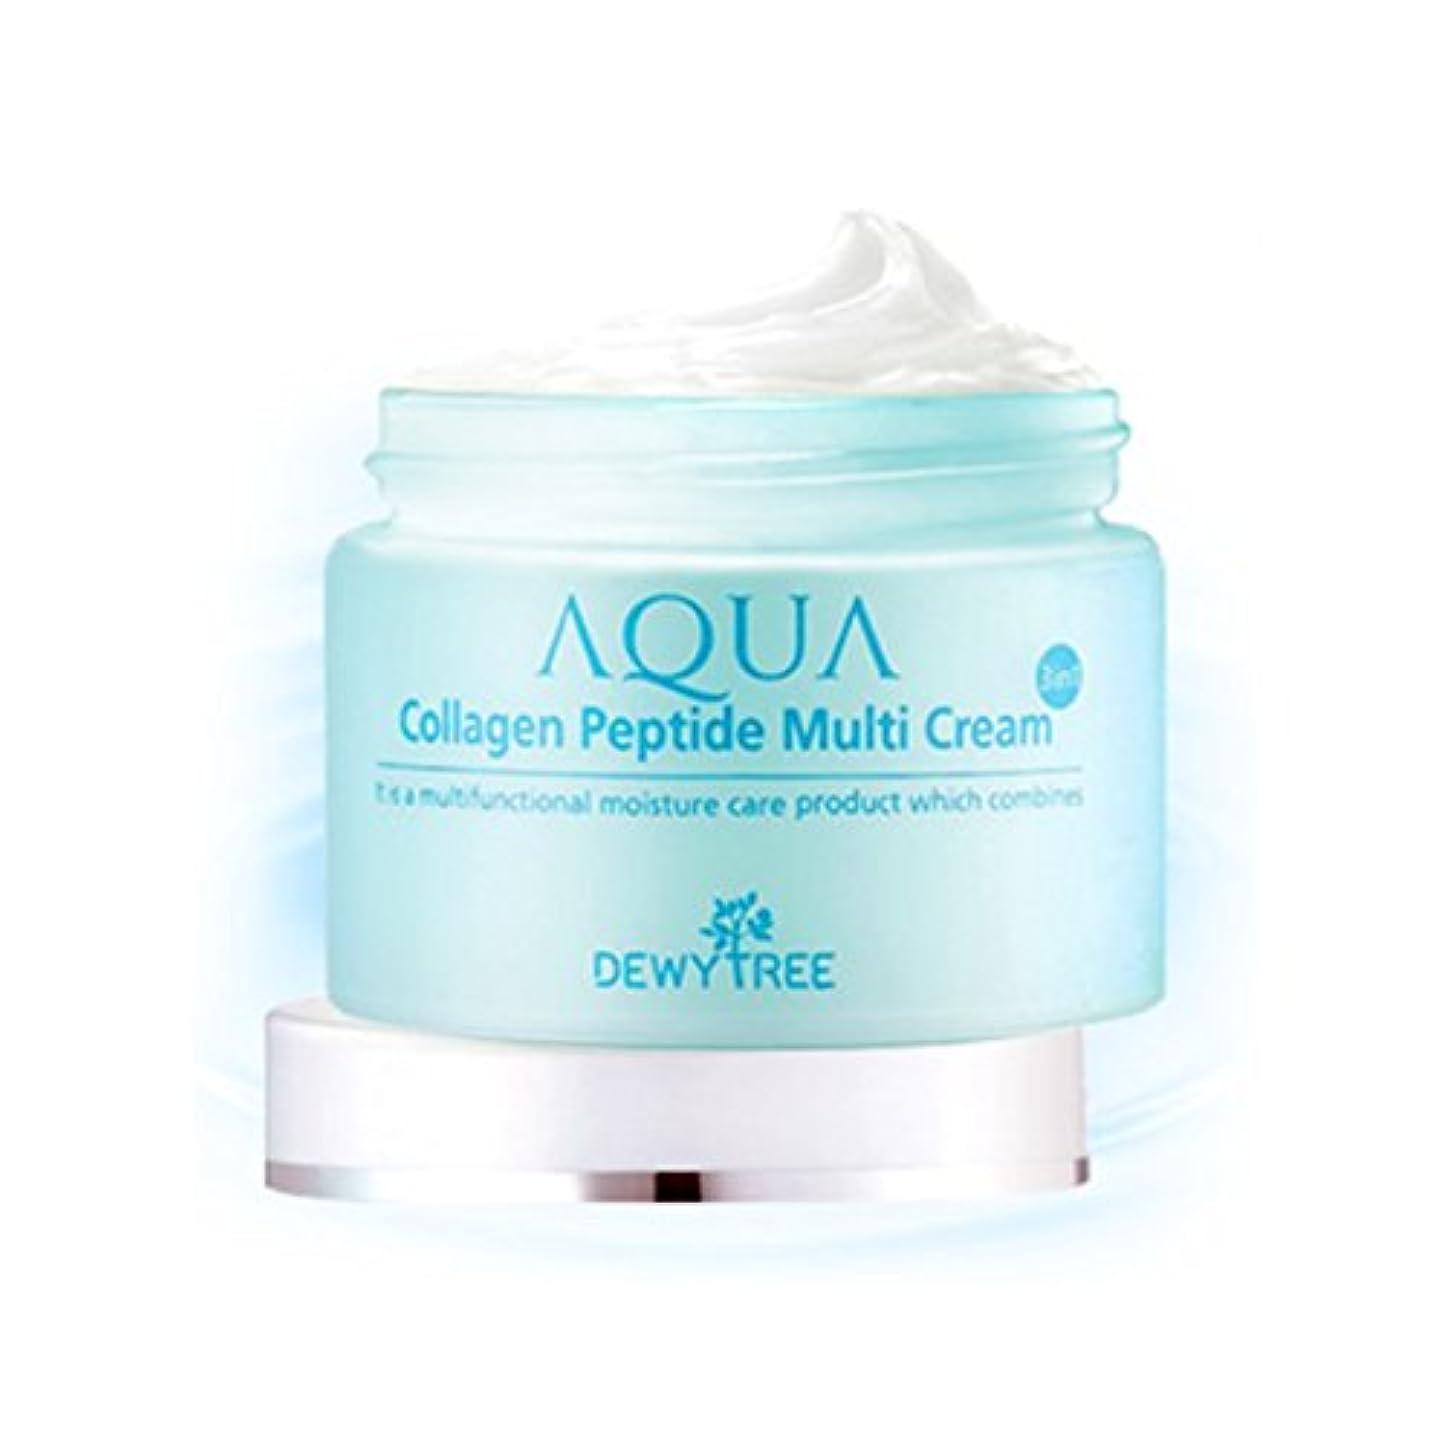 ブート巧みな太平洋諸島[Dewytree] デュイトゥリー アクアコラーゲン ペプチド マルチクリーム Aqua Collagen Peptide Multi Cream (50ml) / [並行輸入品]